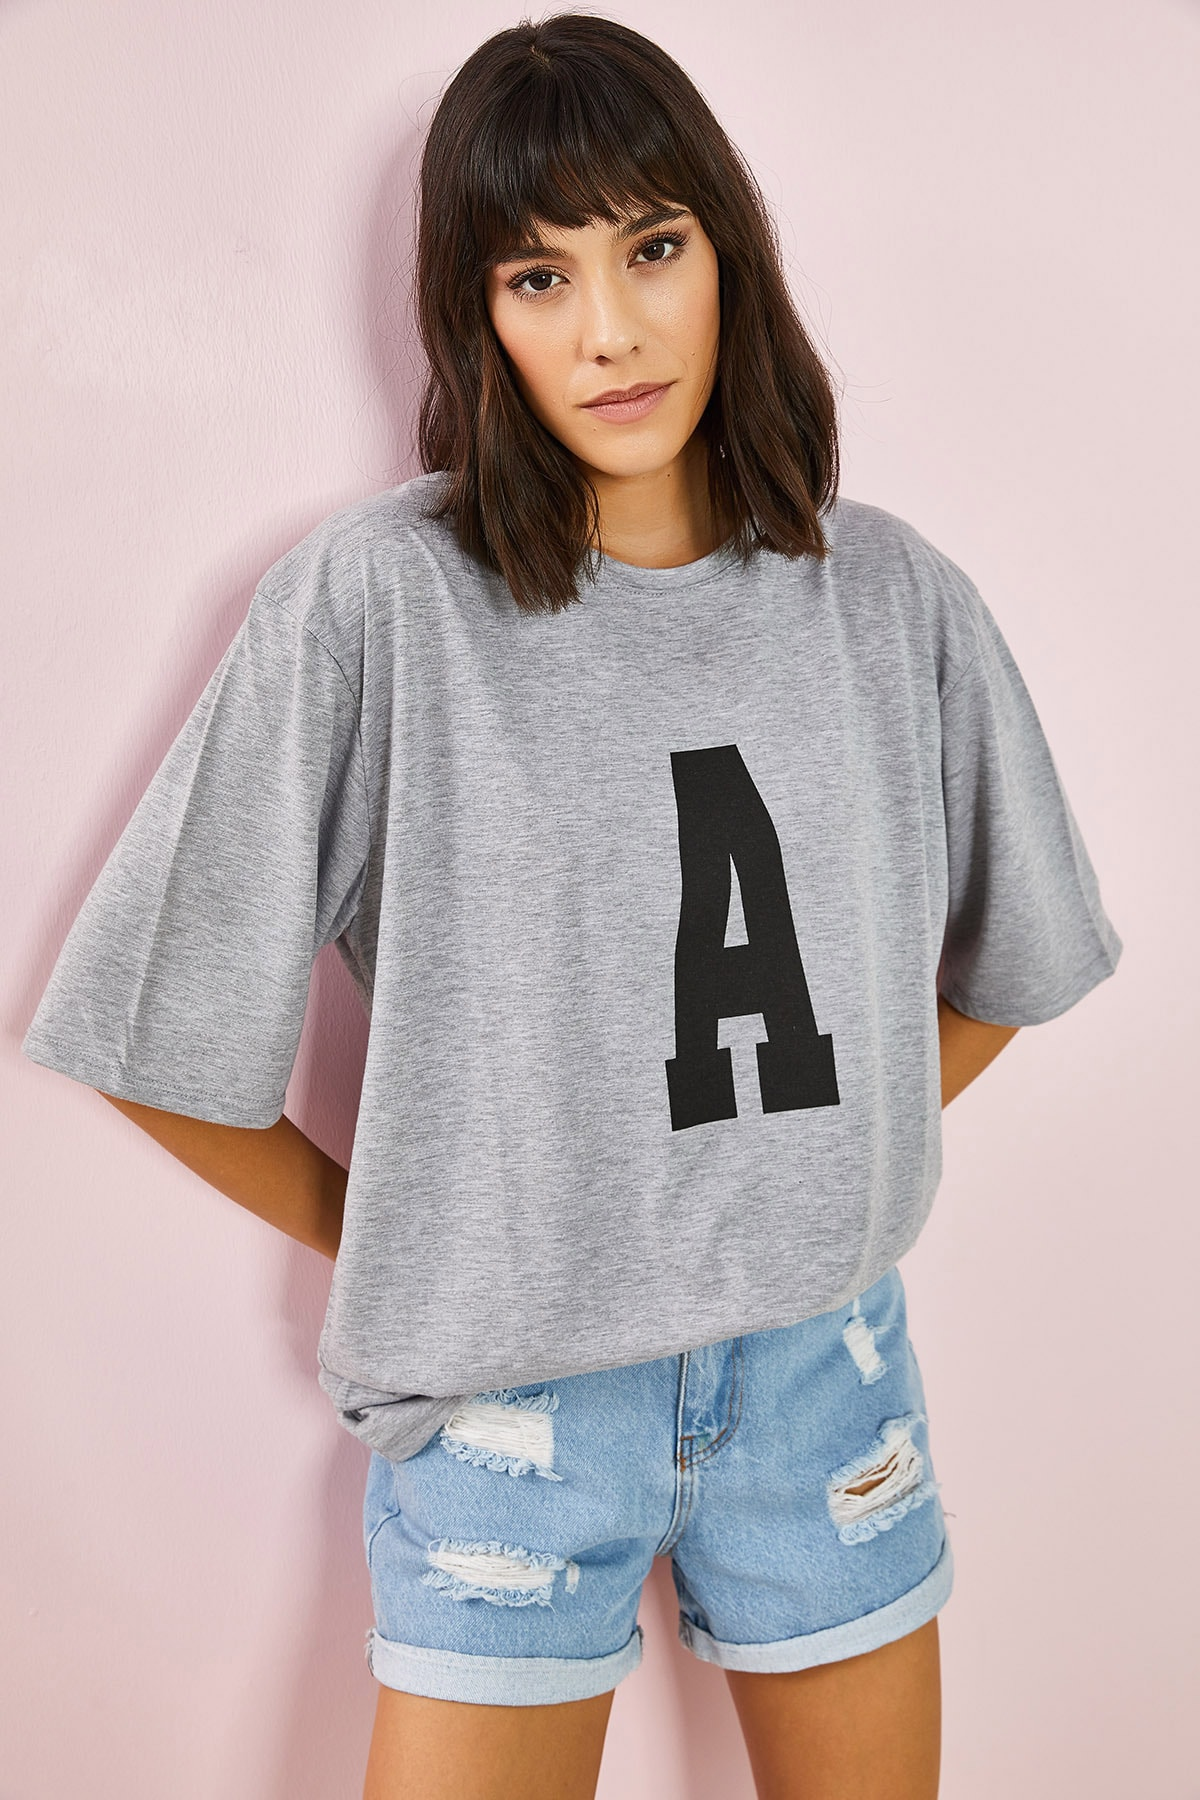 Kadın Gri A Baskılı Oversize Tshirt